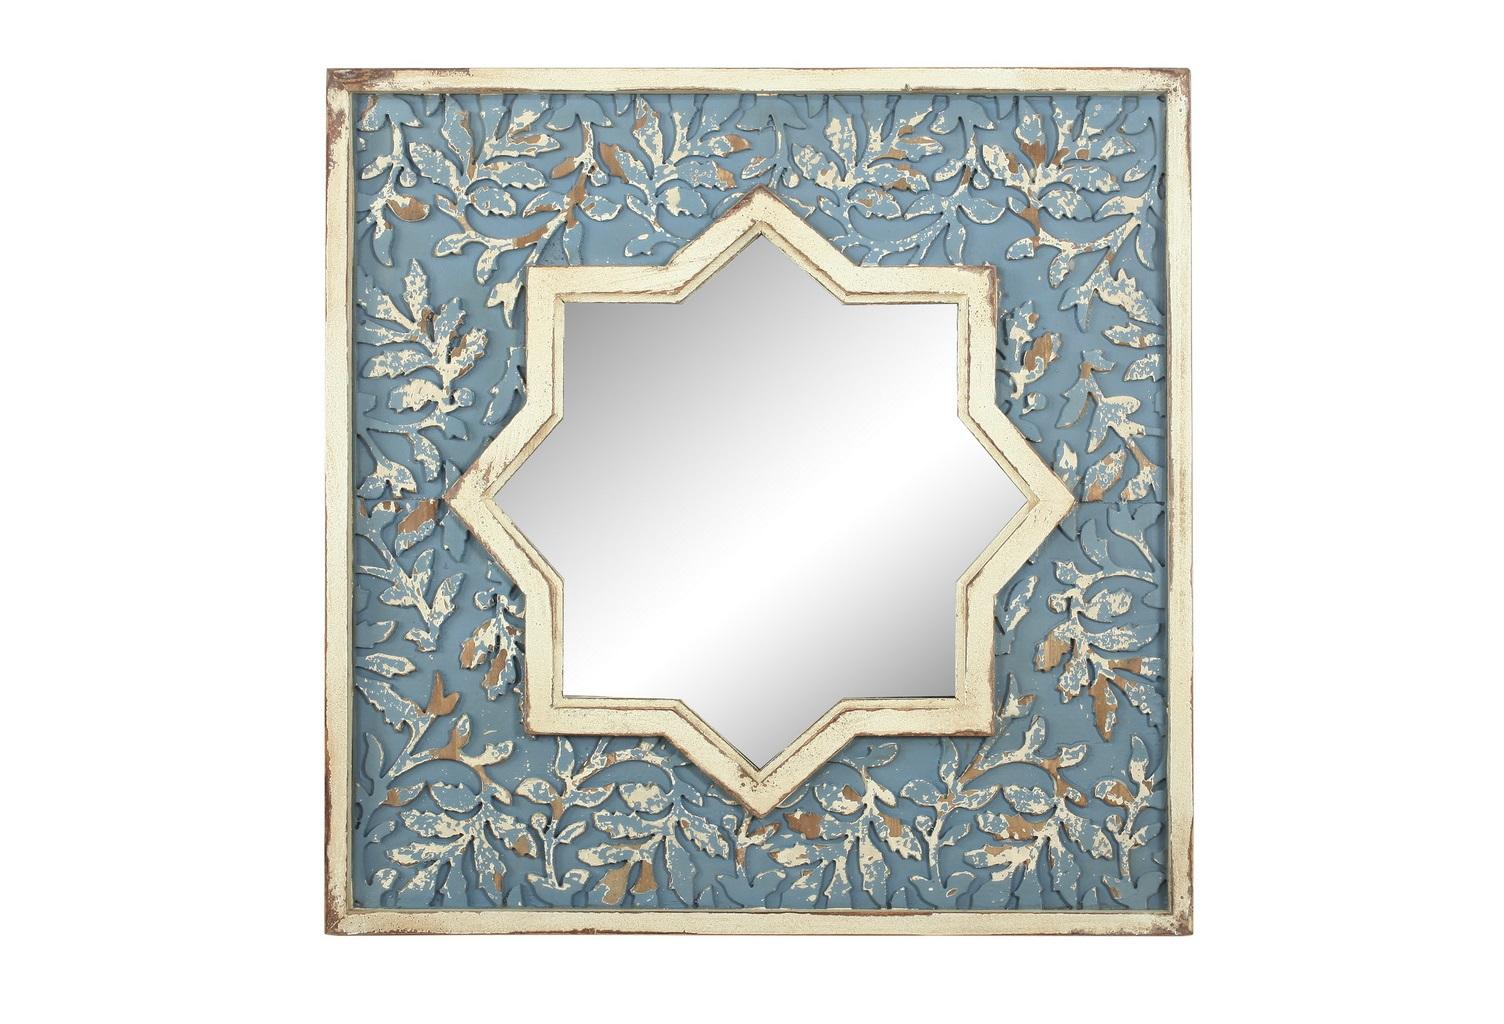 Зеркало настенноеНастенные зеркала<br><br><br>Material: Дерево<br>Ширина см: 71<br>Высота см: 71<br>Глубина см: 4